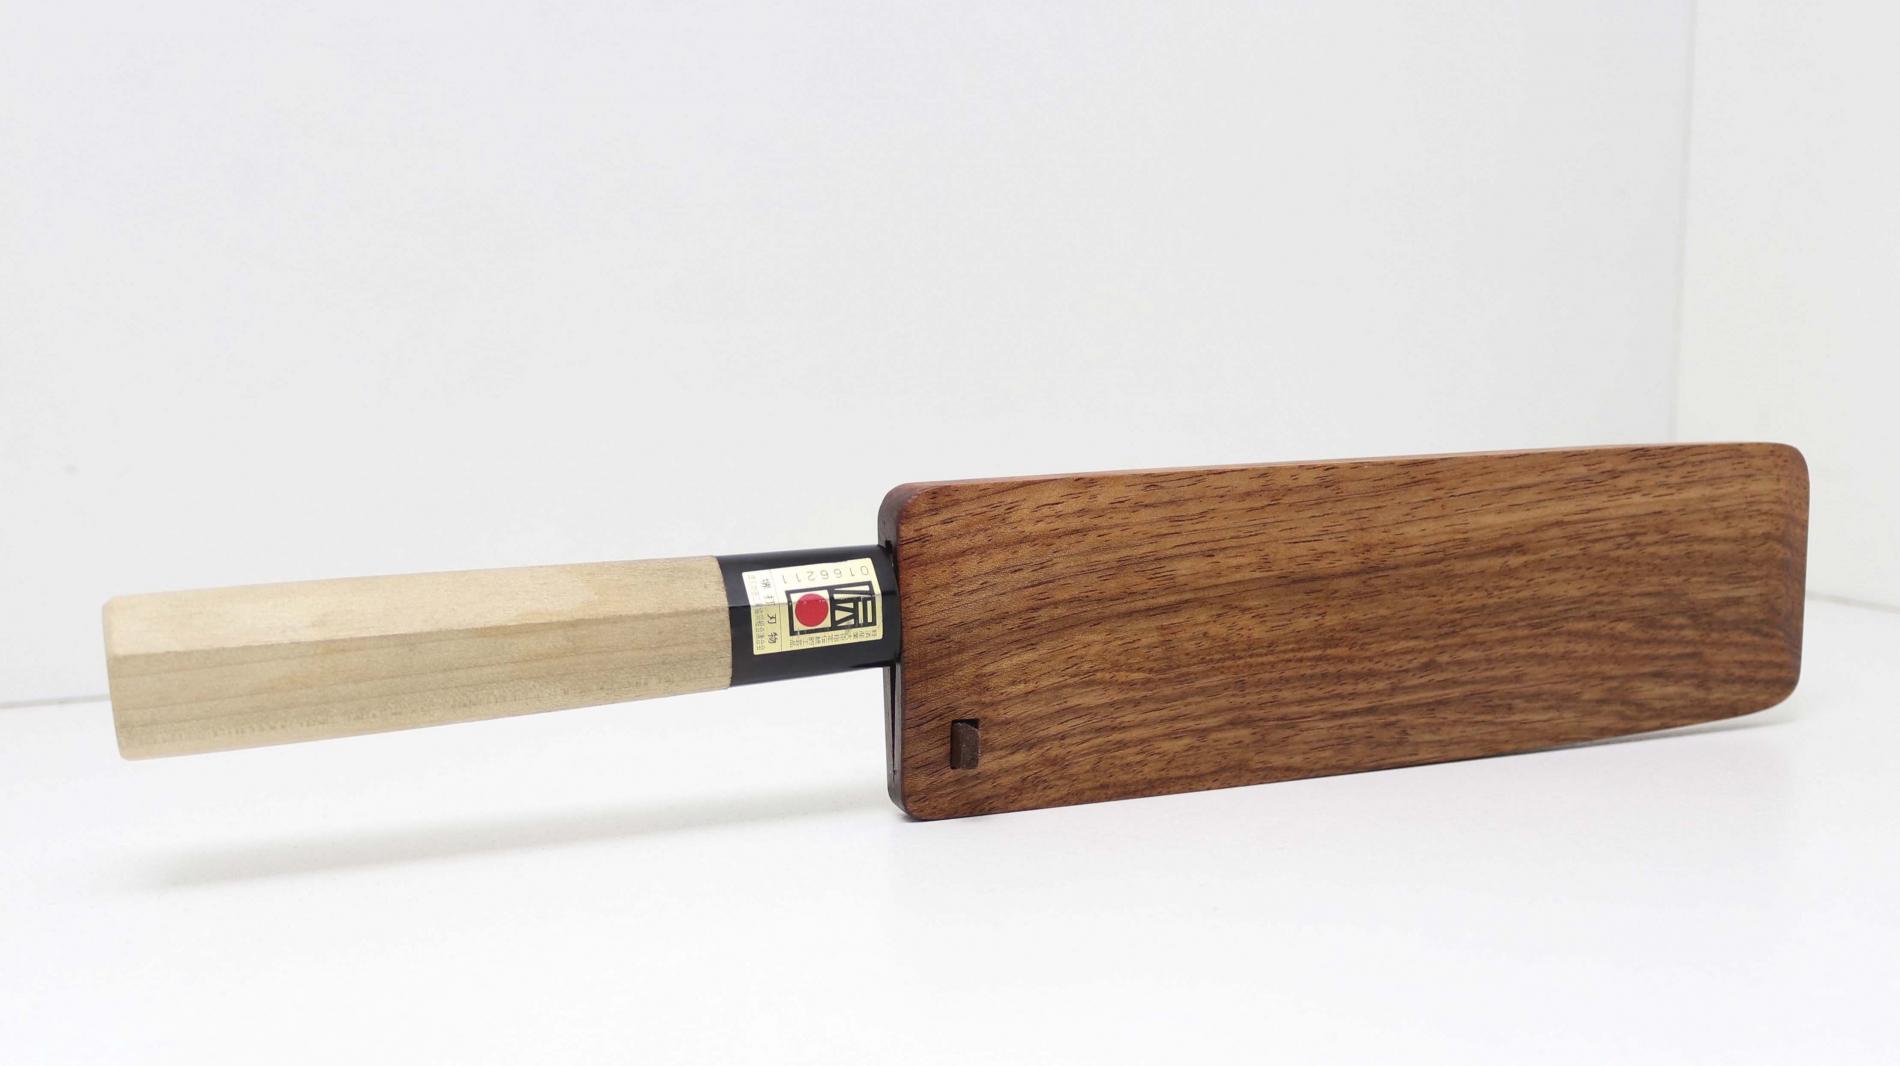 GUB0043-Protector de filo de cuchillo de madera personalizado GUB0043-max-4.